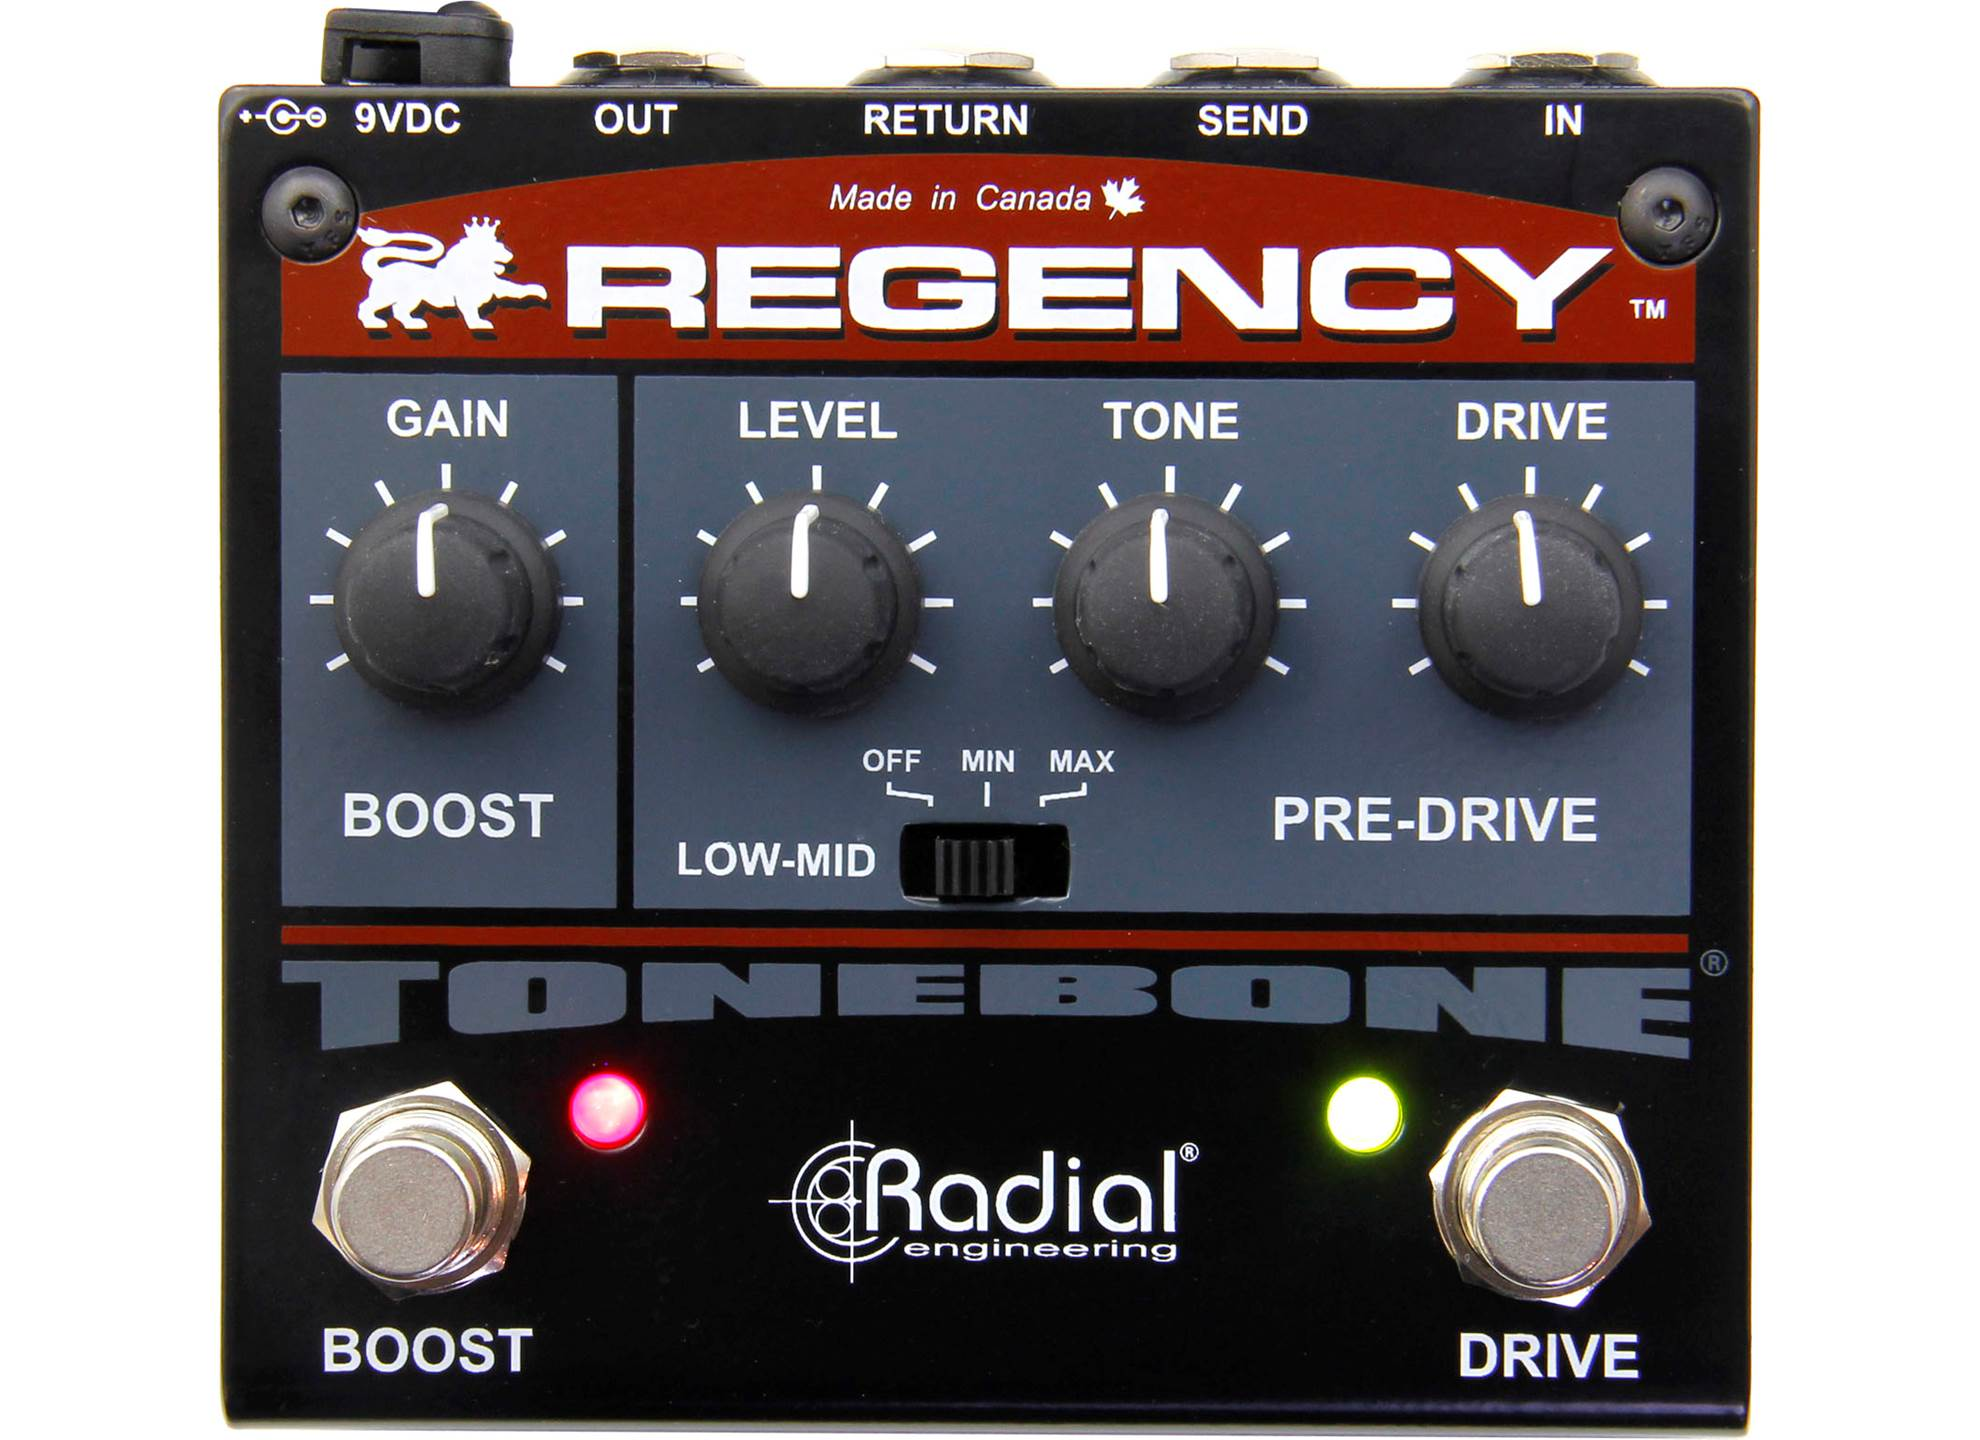 Tonebone Regency